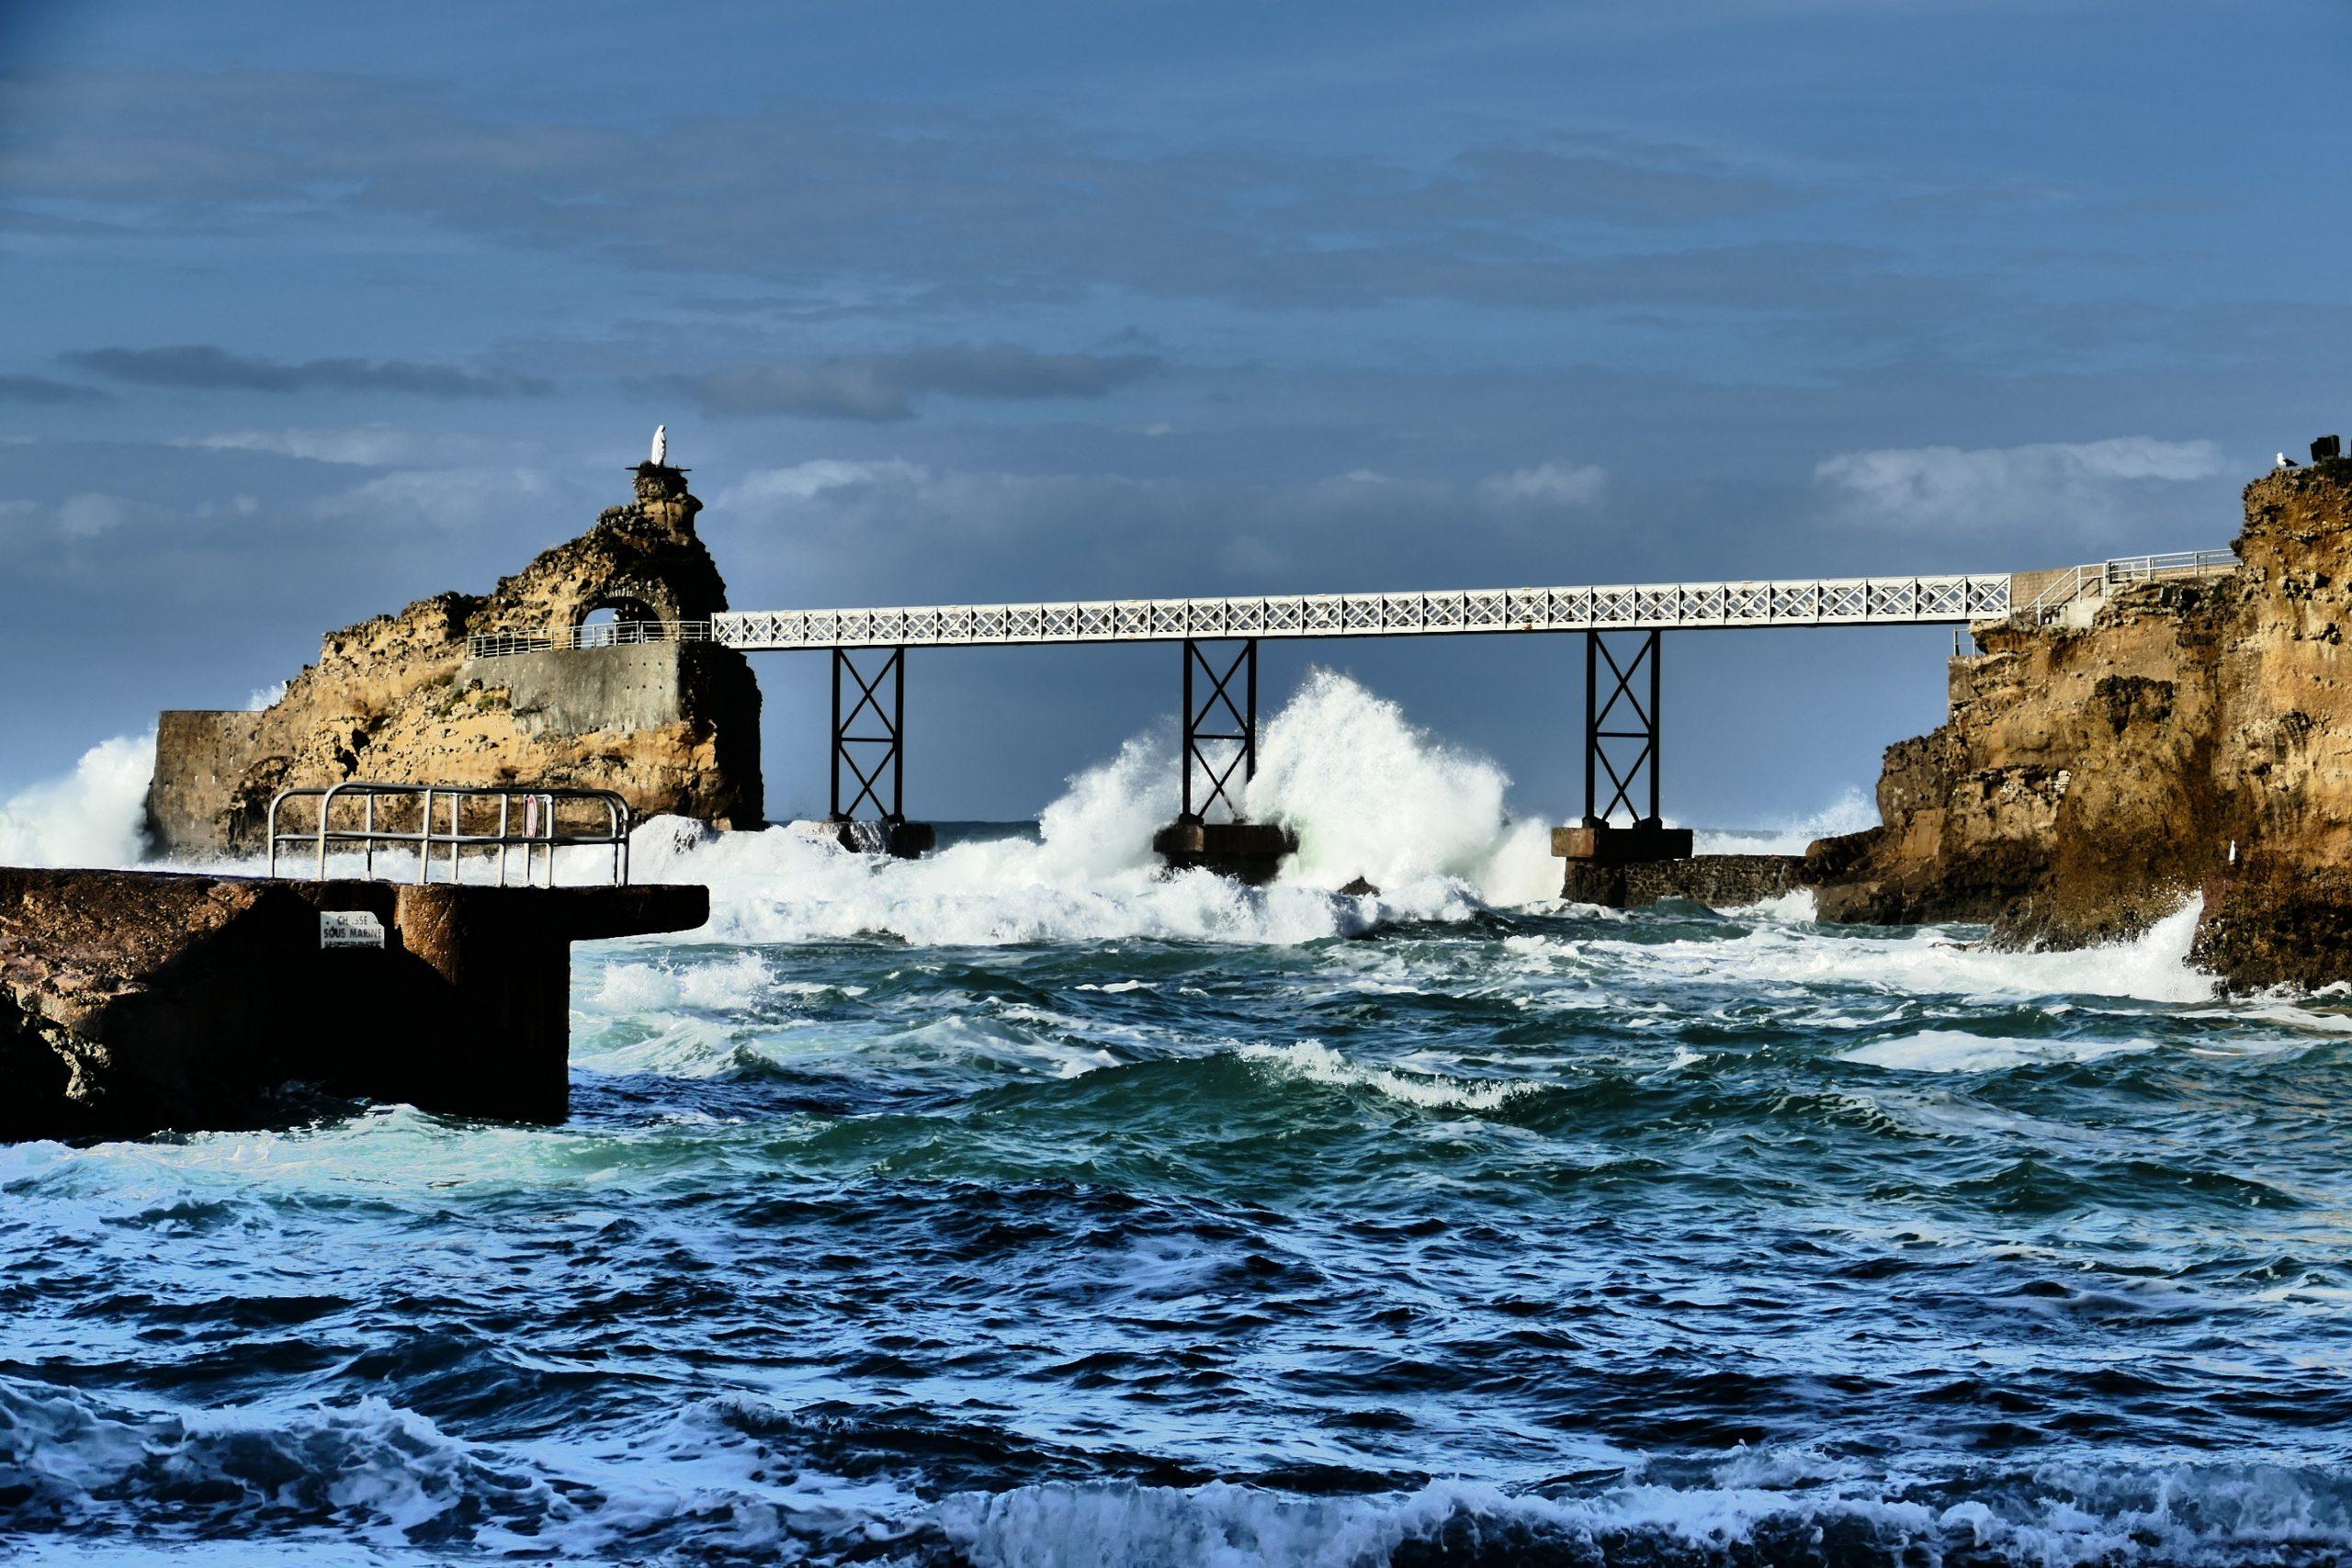 Rocher de la Vierge activité Biarritz quoi faire à Biarritz